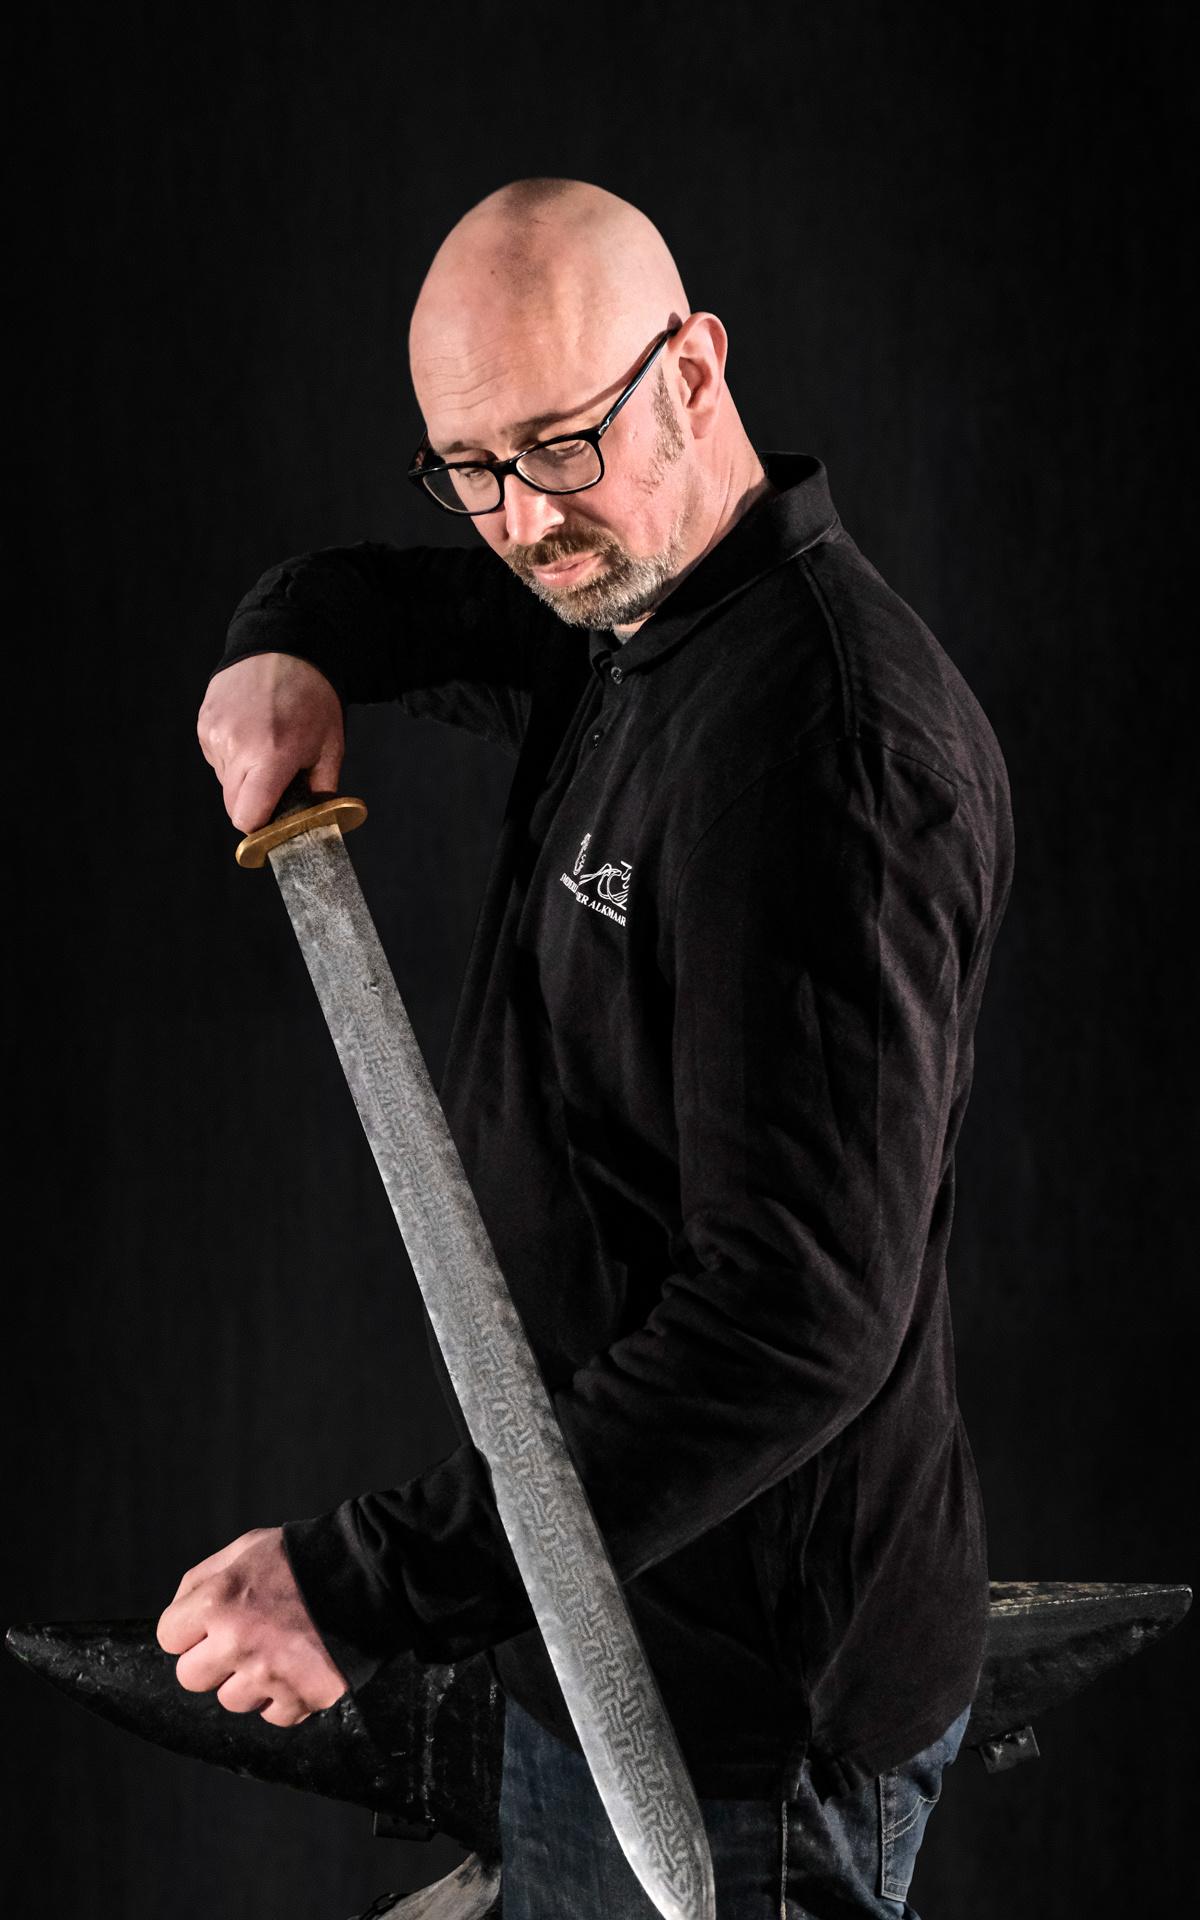 Het zwaard in de hand van Dave van Wijngaarden - klik voor vergroting